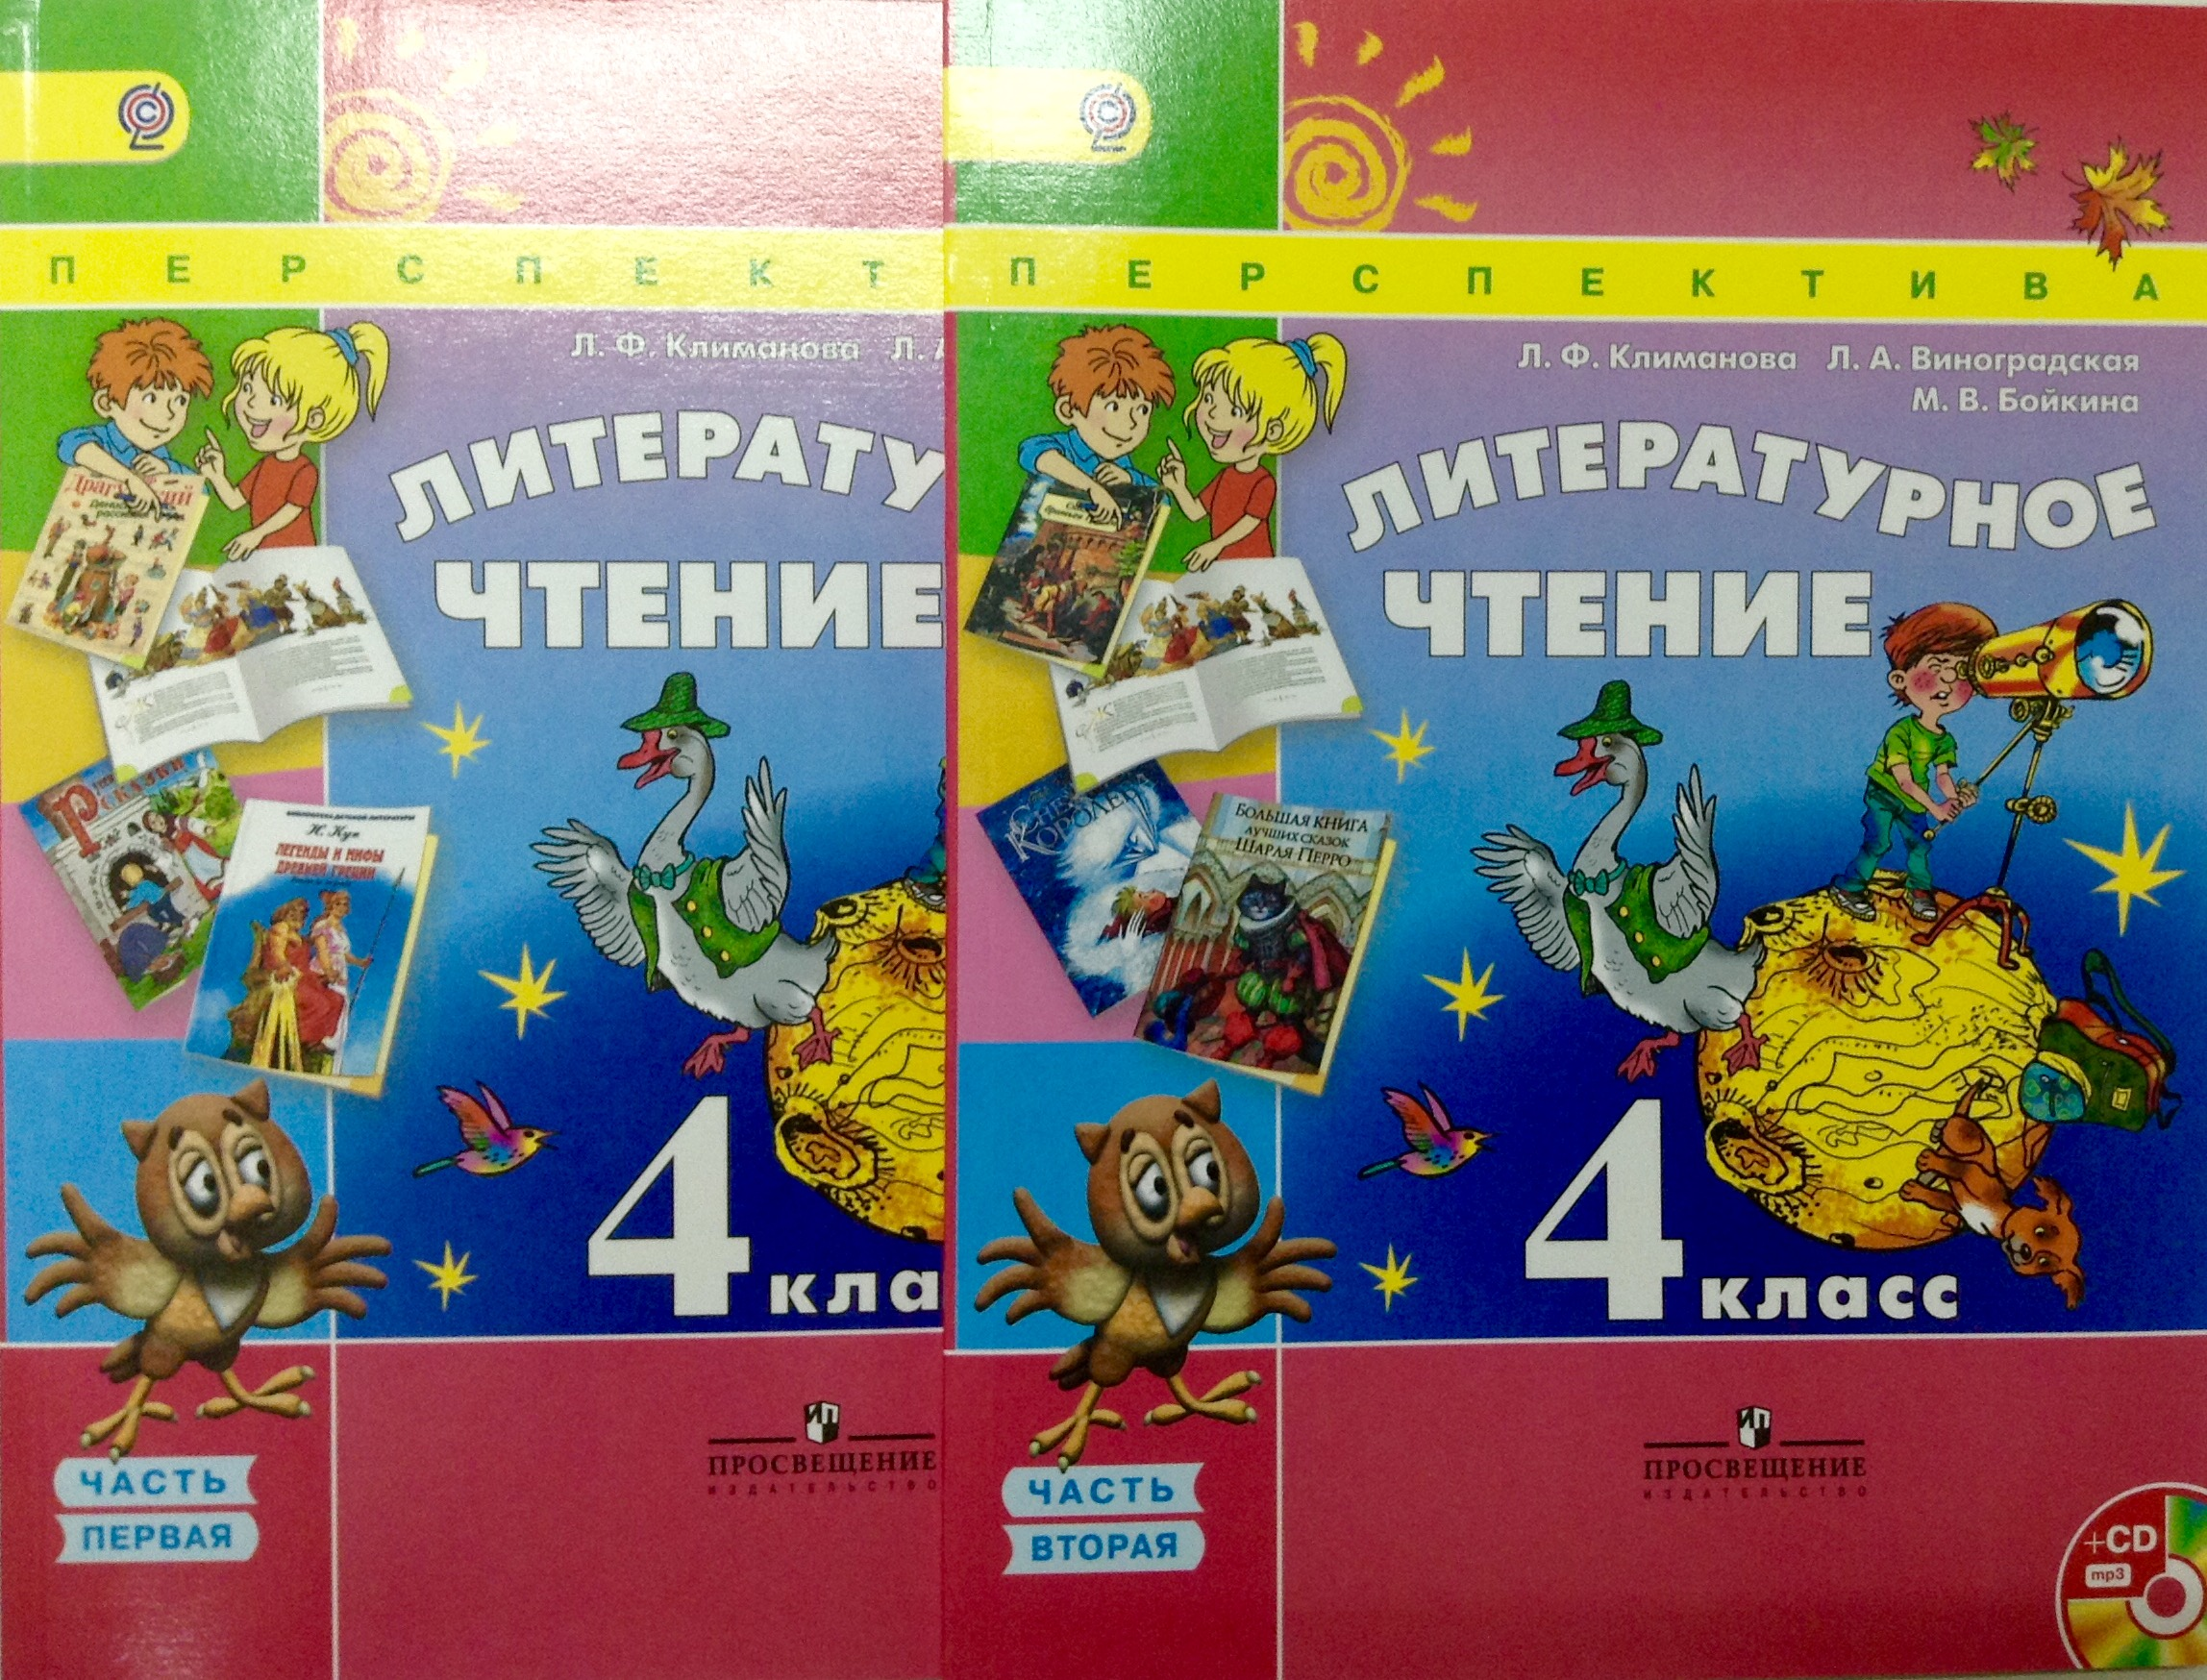 Литературное чтение 4 класс климанова бойкина решебник